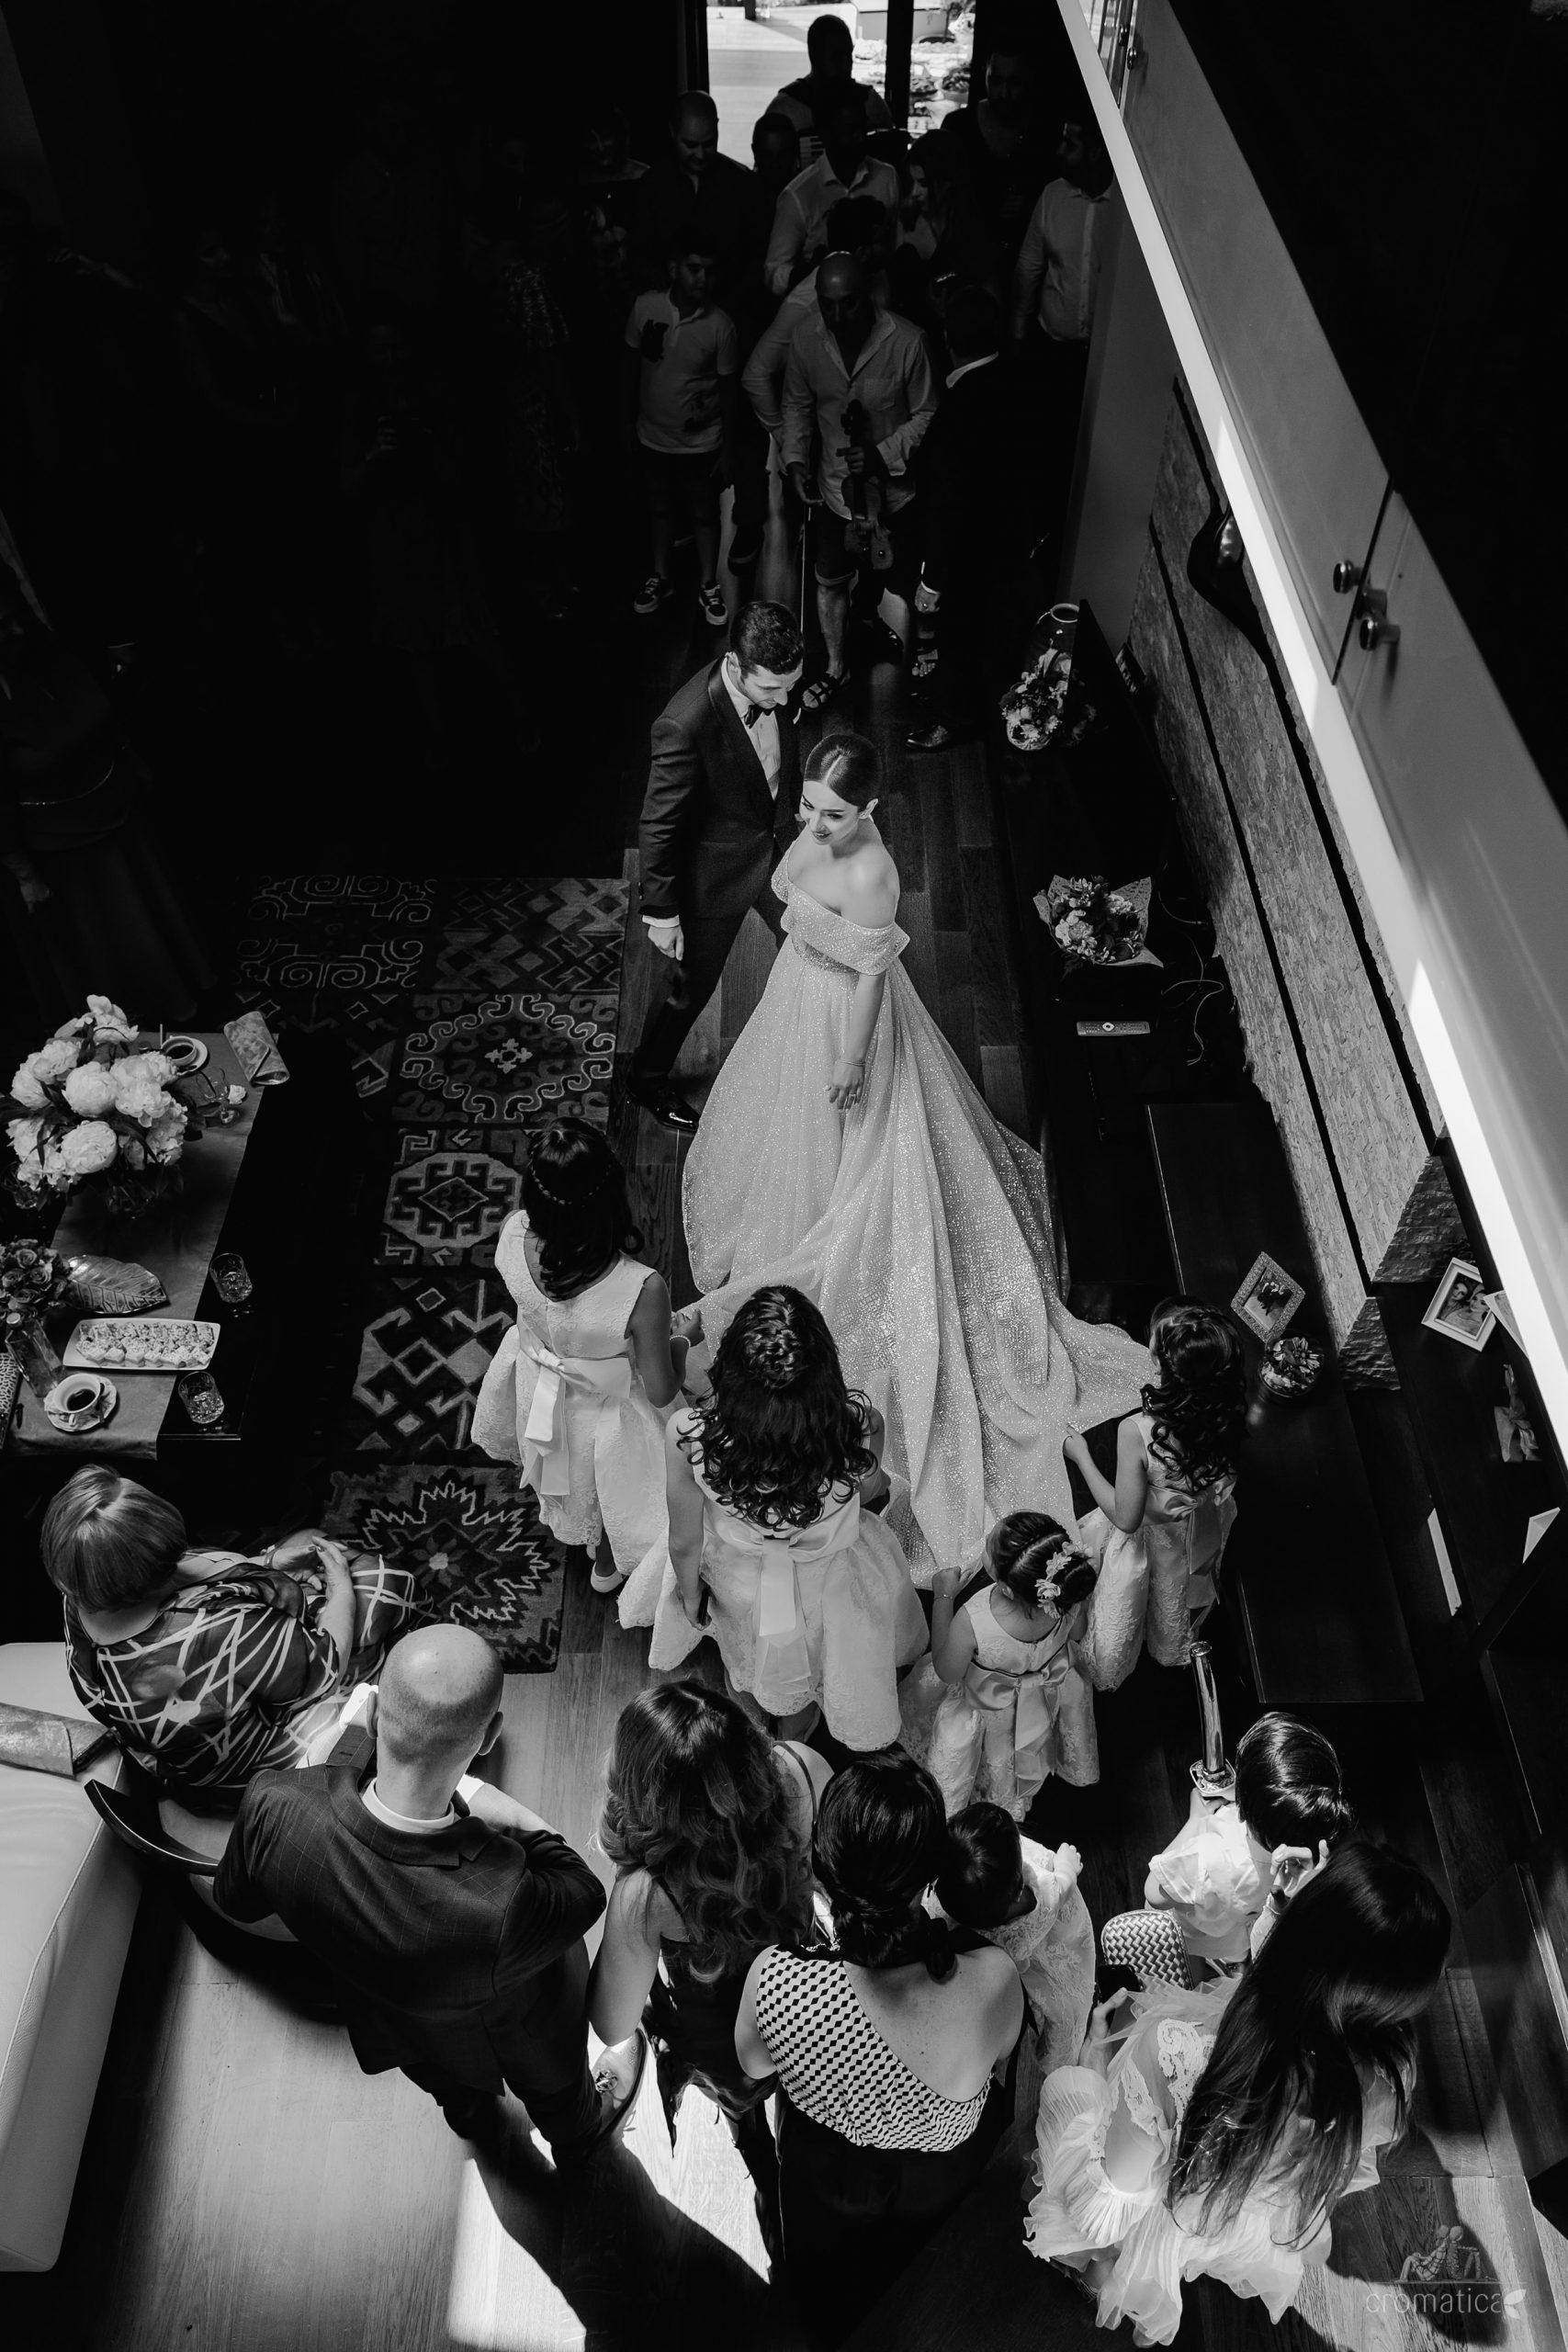 oana alex fotografii nunta rm valcea 015